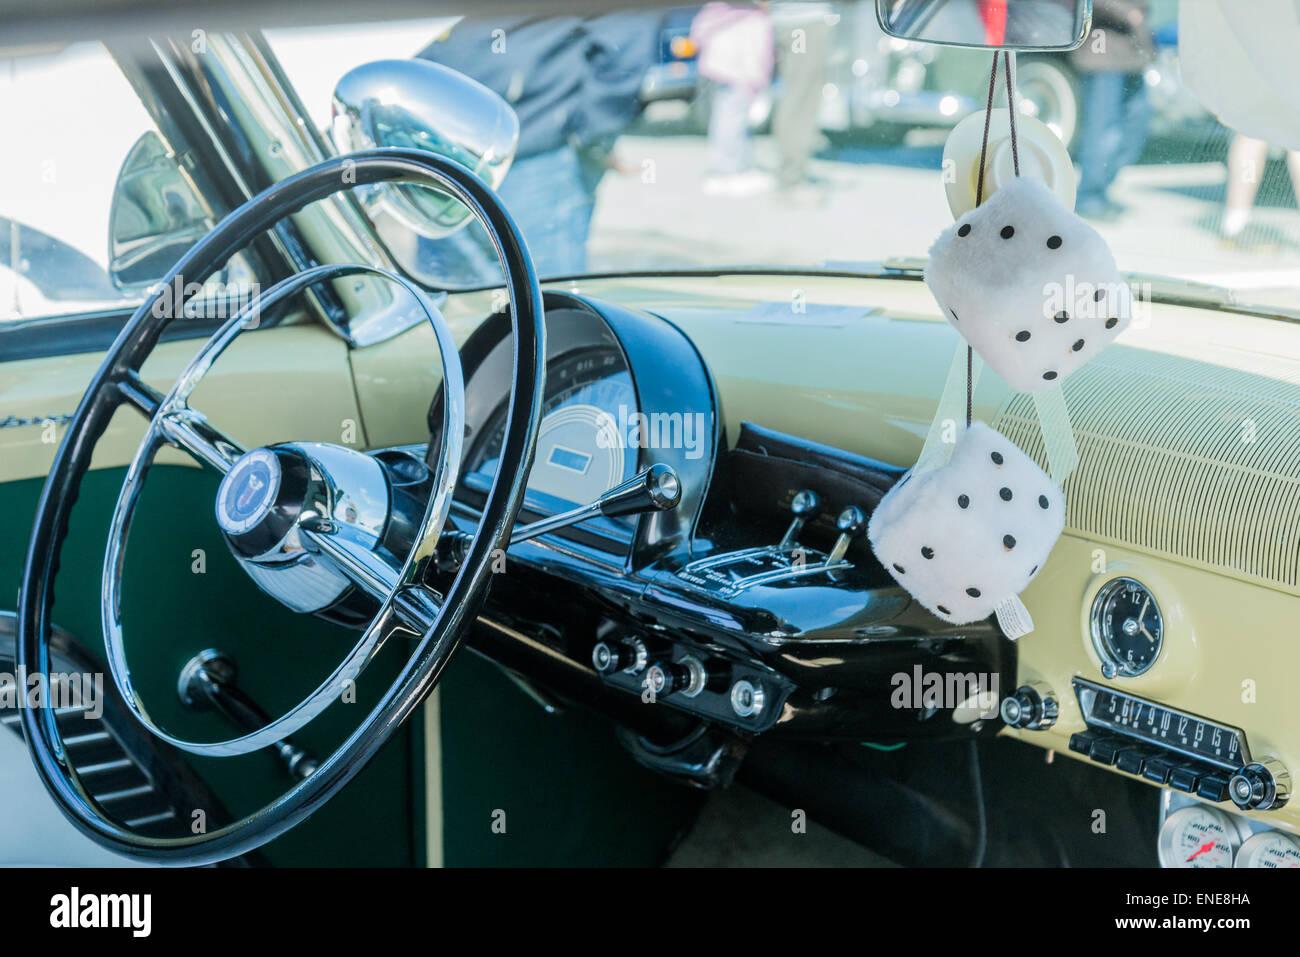 Fuzzy dados colgando del espejo retrovisor del automóvil clásico. Imagen De Stock